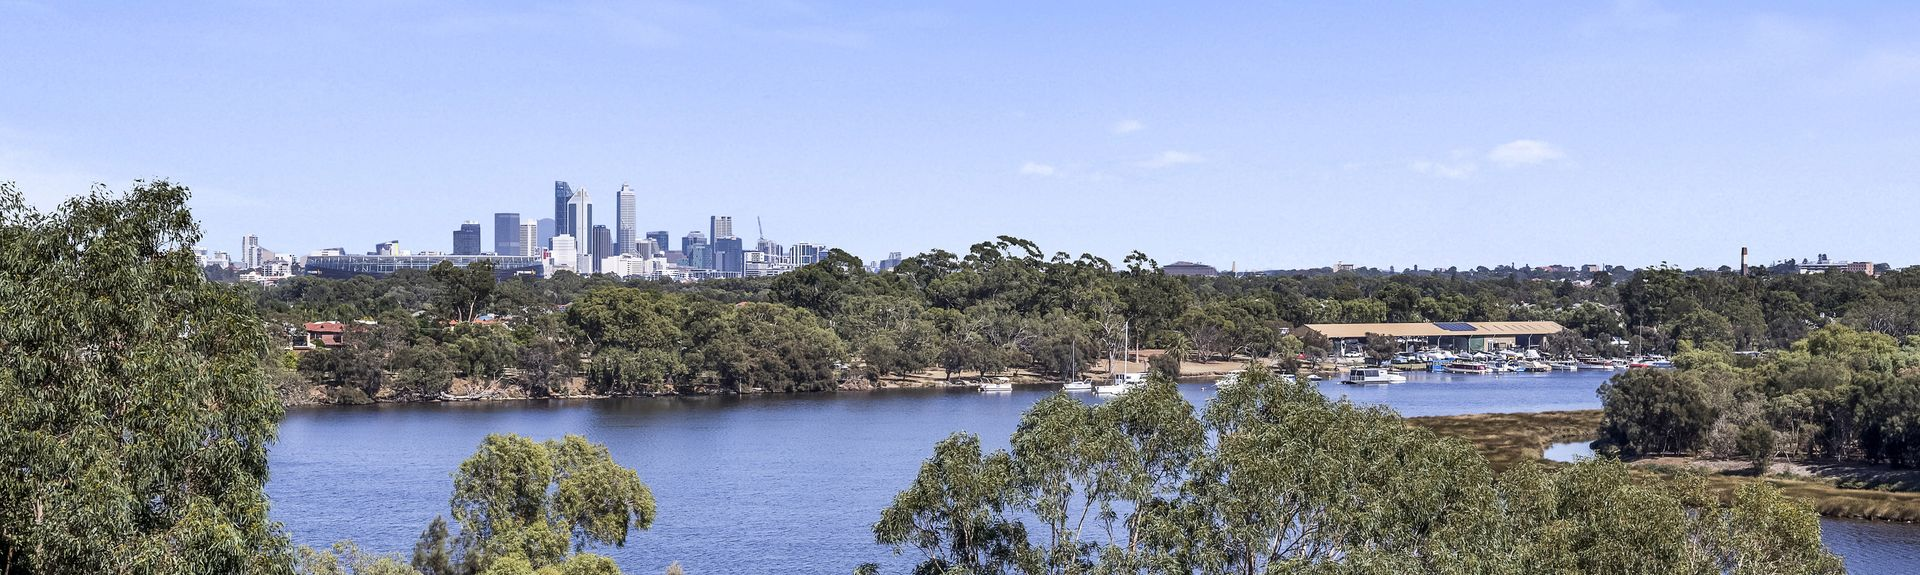 Hovea, WA, Australia